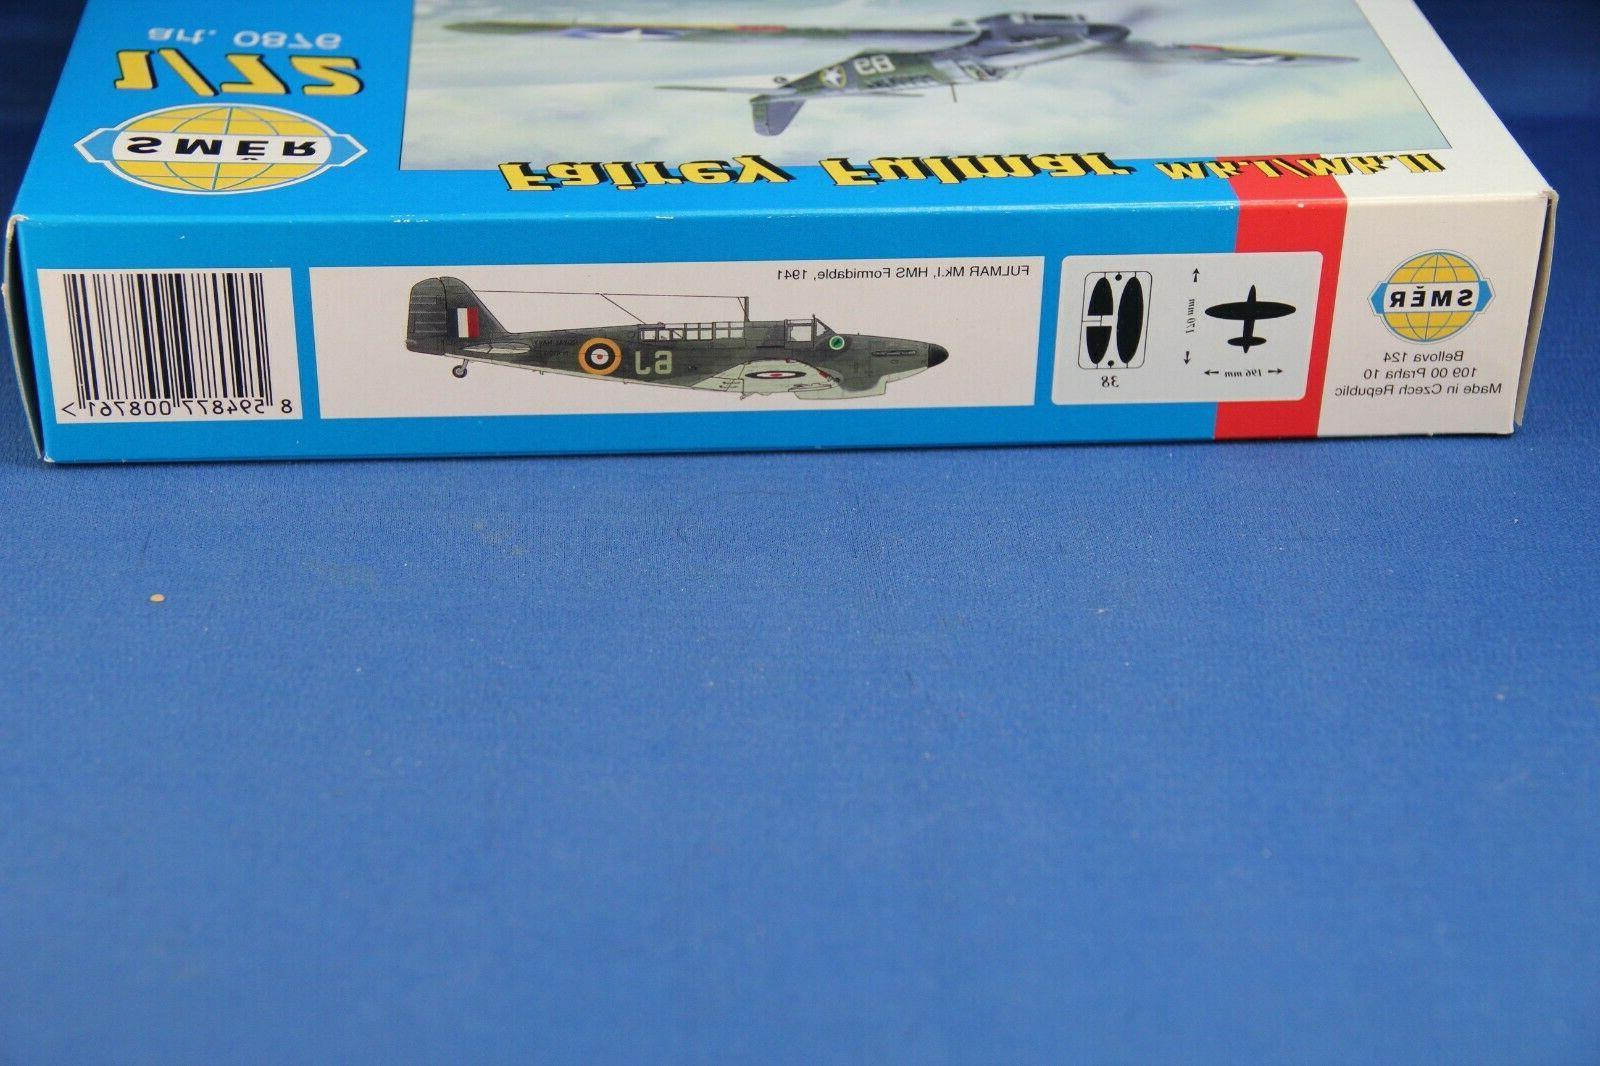 Smer 1:72 Model Mk.I/Mk.II